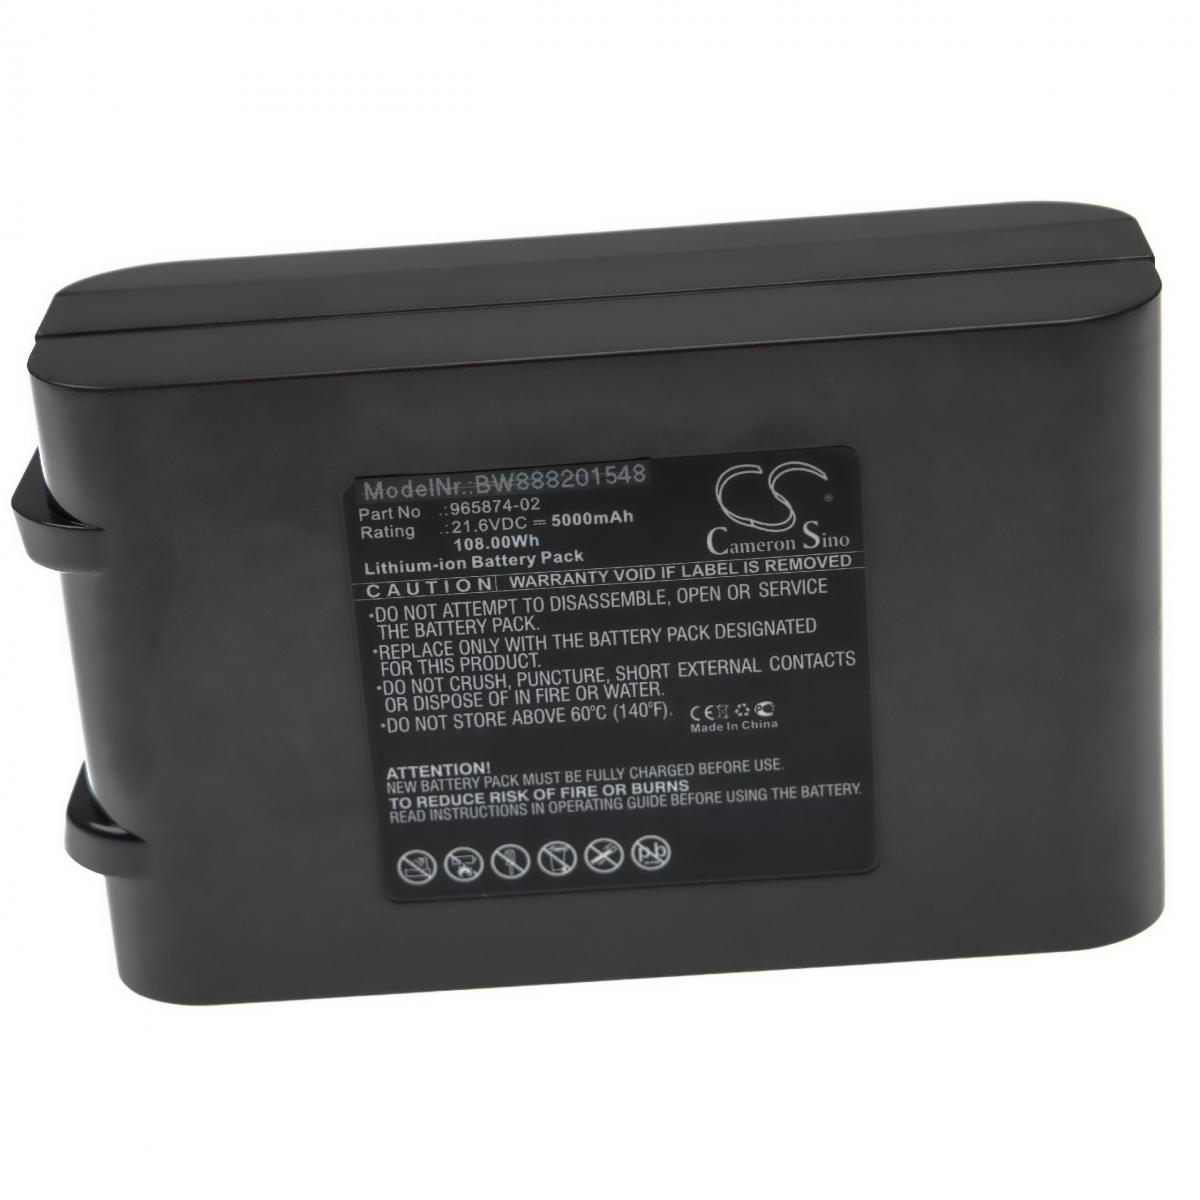 Vhbw vhbw batterie compatible avec Dyson V6 Up Top, V6 Total Clean, DC62 Animal aspirateur Home Cleaner (5000mAh, 21,6V, Li-I